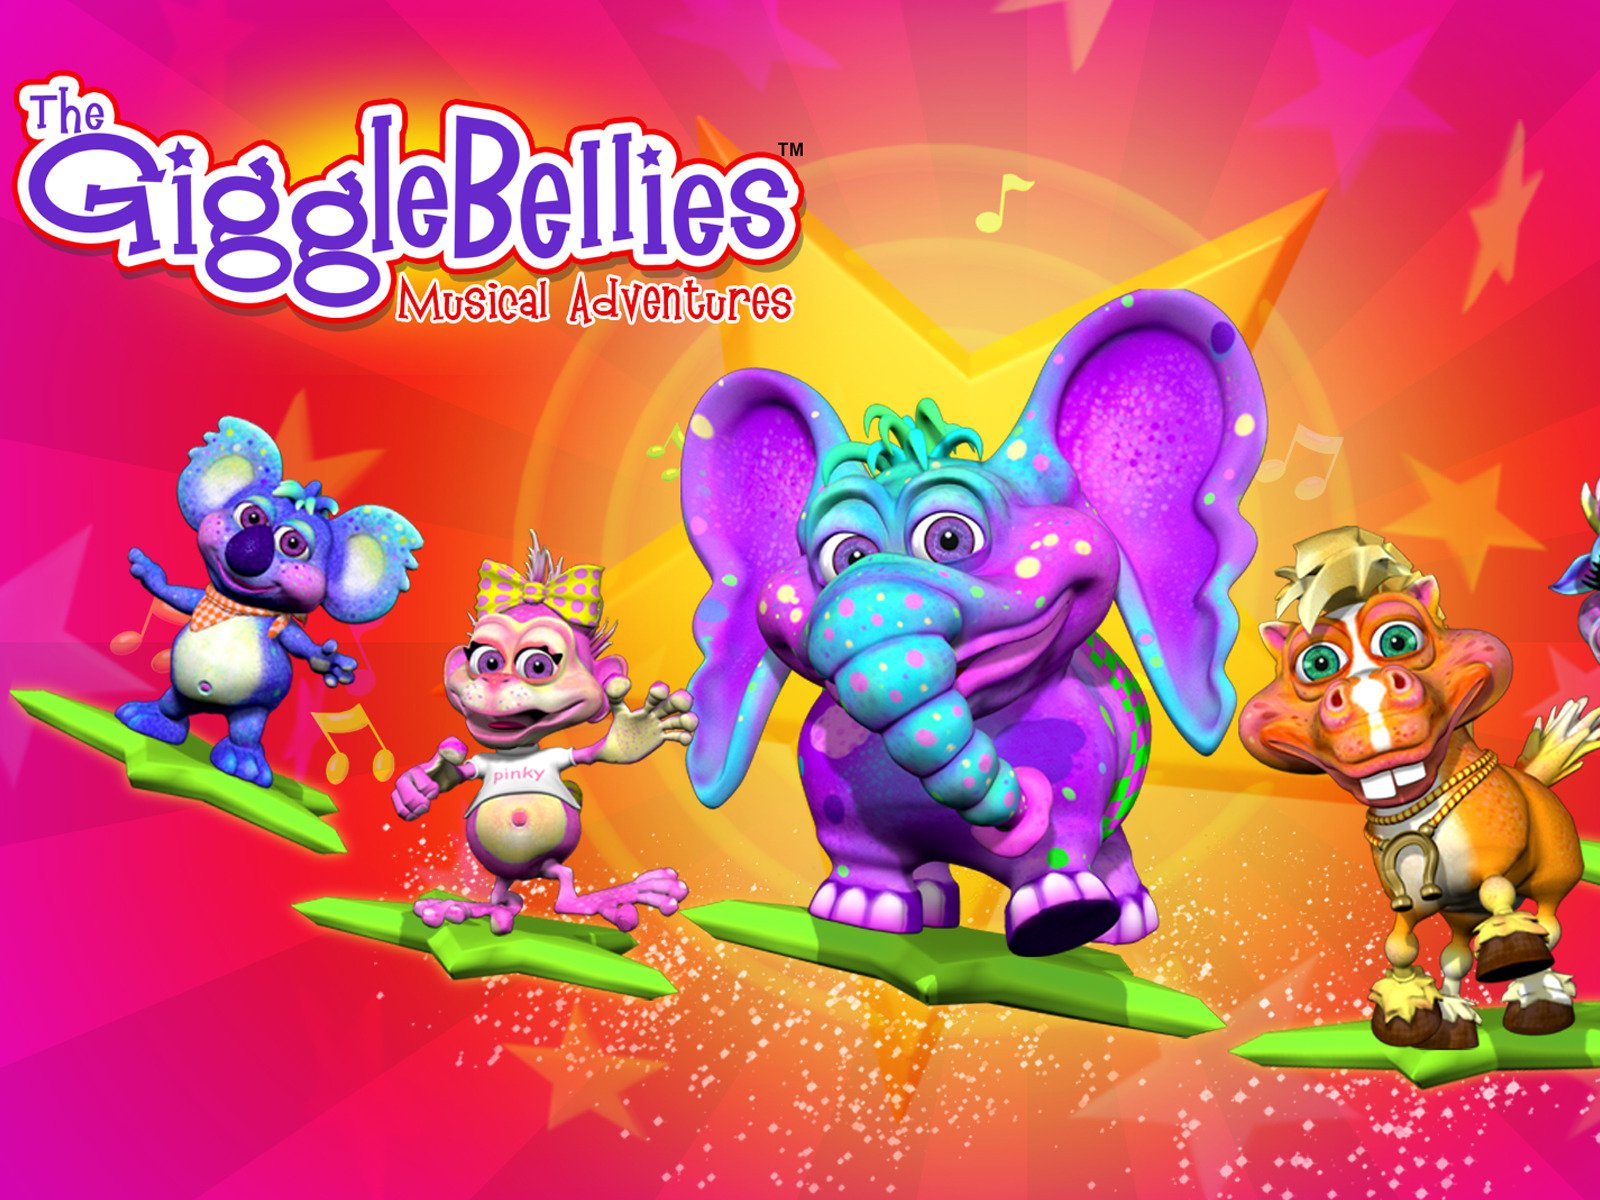 The GiggleBellies: Top Children's Nursery Rhymes - Season 2